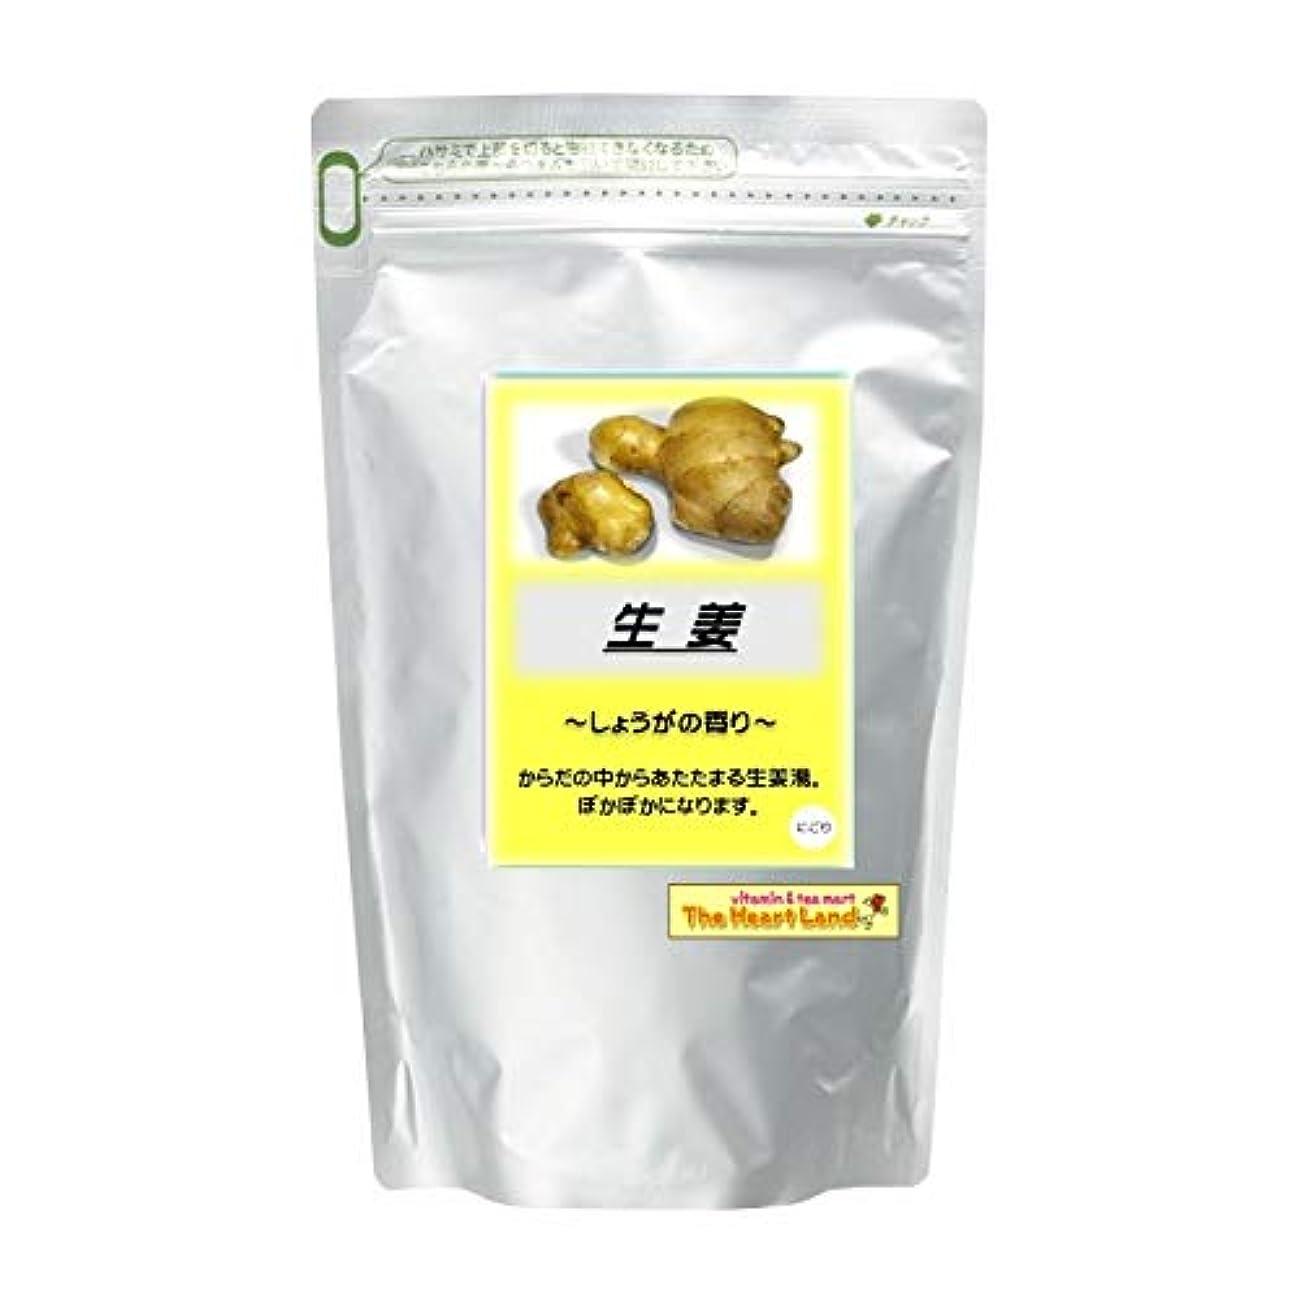 ハプニング租界通貨アサヒ入浴剤 浴用入浴化粧品 生姜 300g